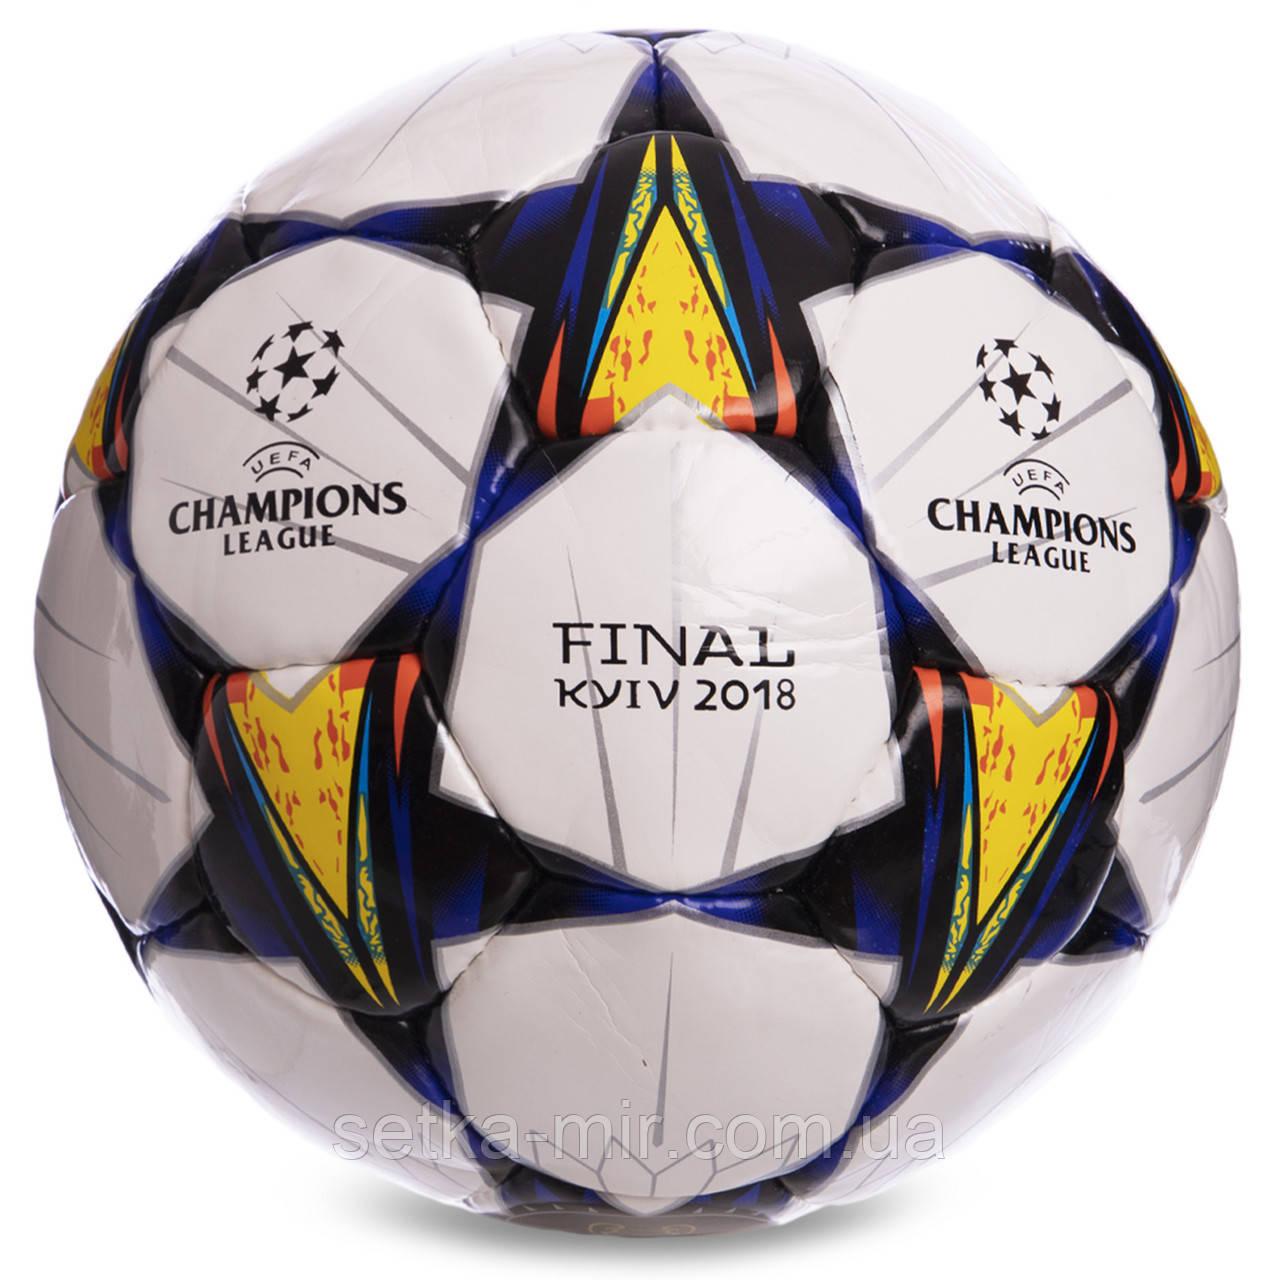 М'яч футбольний №4 PU ламін. CHAMPIONS LEAGUE FINAL KYIV 2018 FB-0097 (№4, 5 сл., Зшитий вручну)